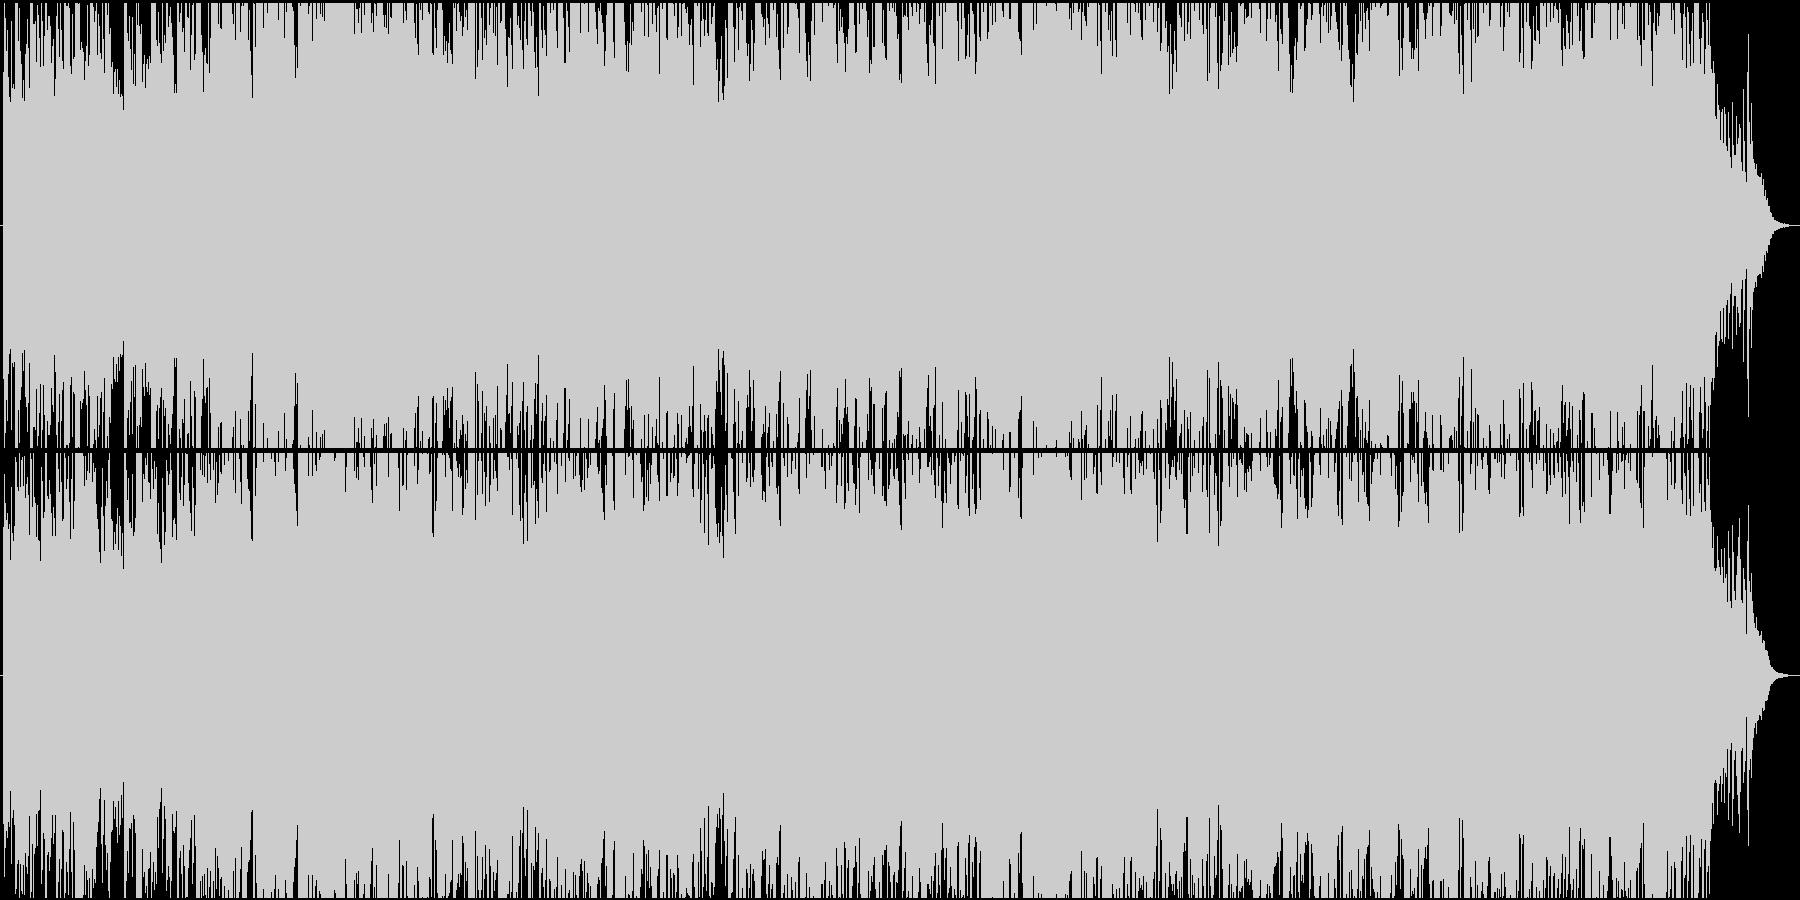 タブラとシタールの魅惑的な曲の未再生の波形